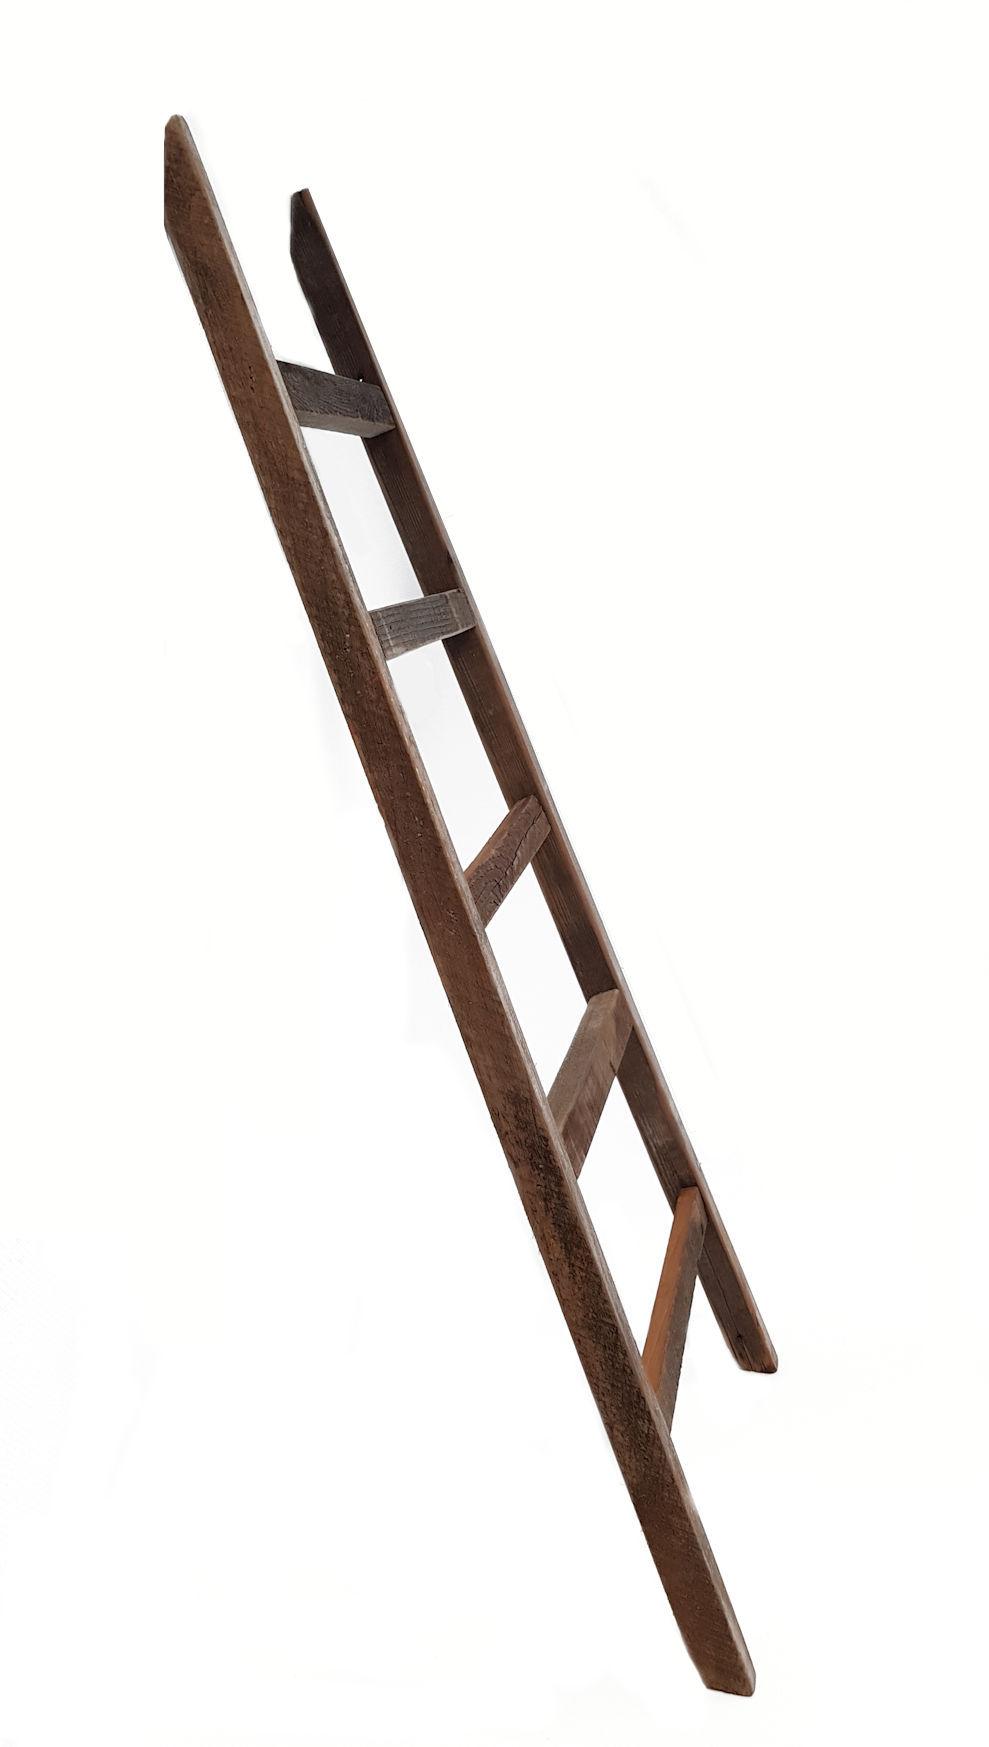 deko leiter 100cm vintage handtuchhalter holz leiter wand dekoration shabby ebay. Black Bedroom Furniture Sets. Home Design Ideas